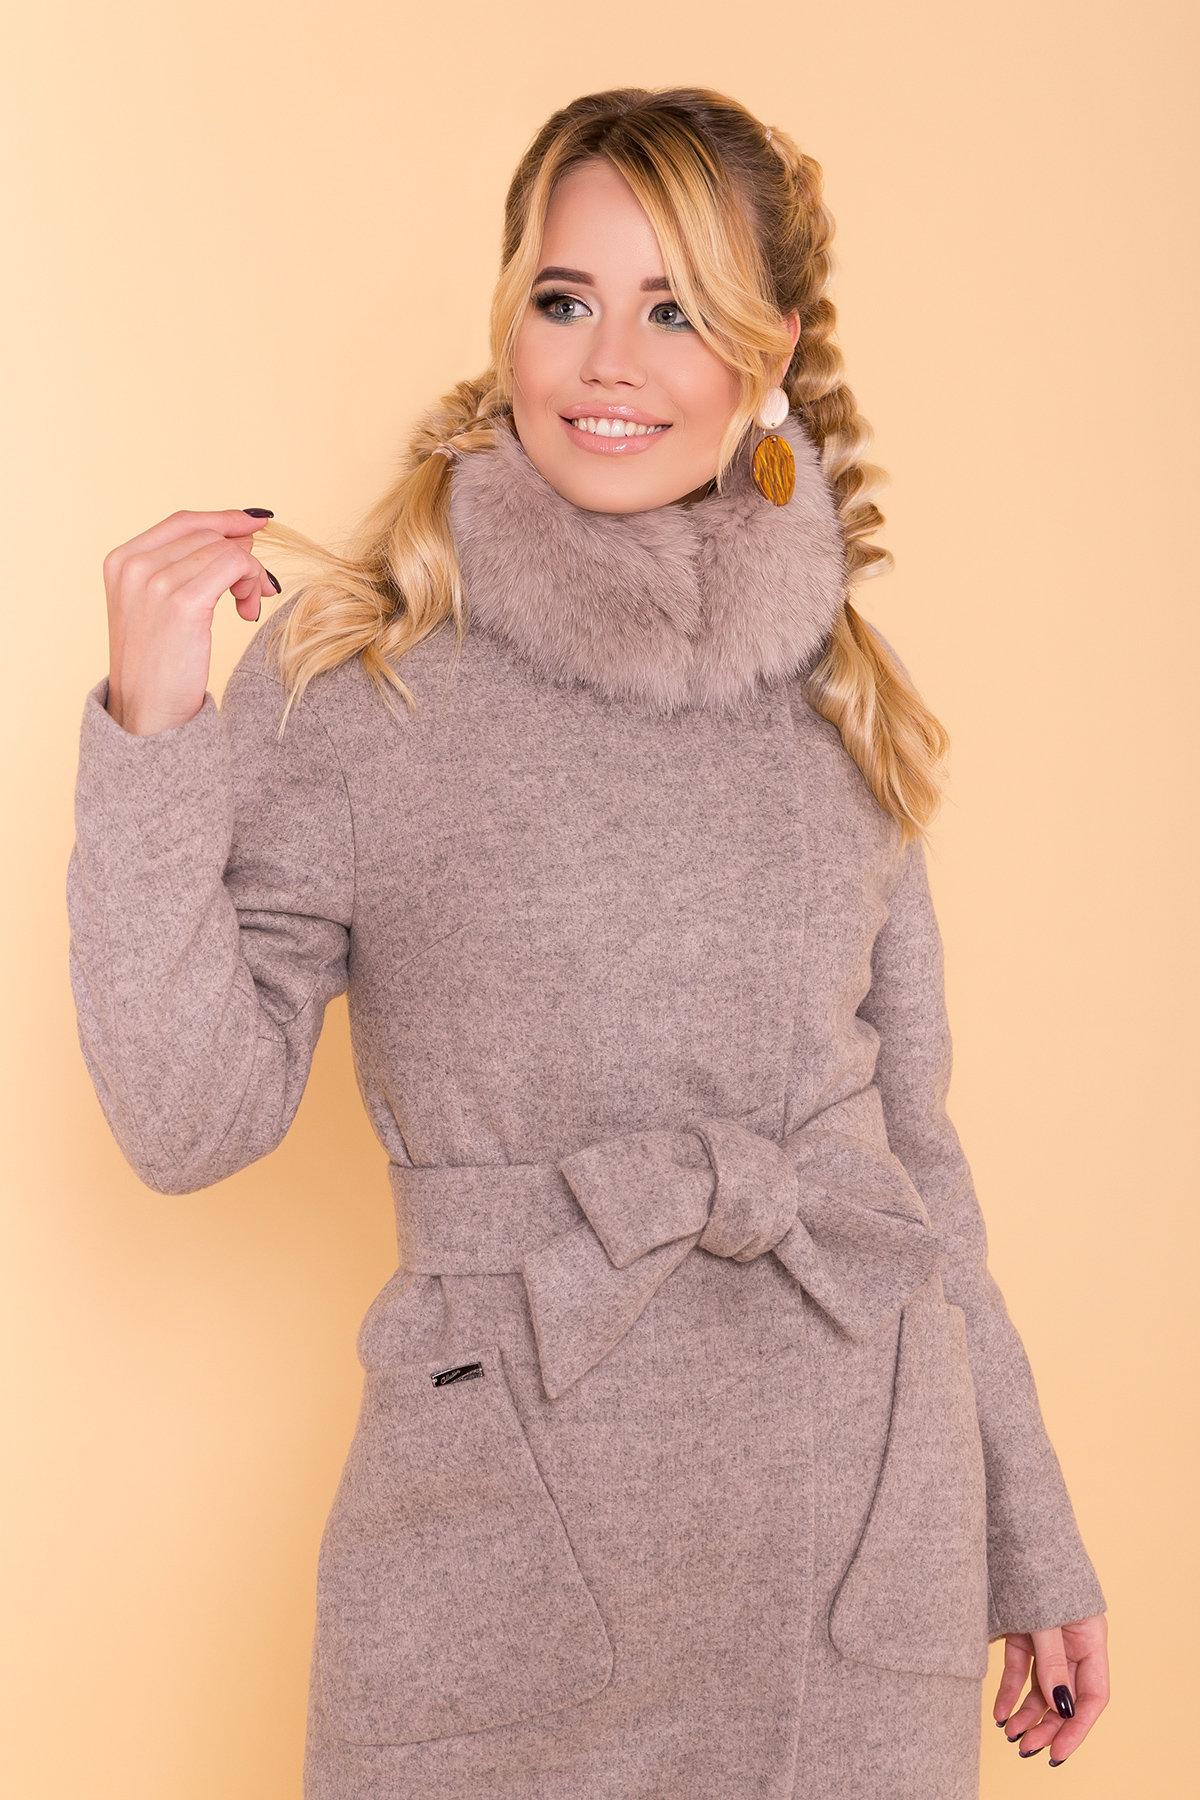 Зимнее пальто с натуральным песцом Анатес лайт 5570 АРТ. 38161 Цвет: Бежевый 31 - фото 5, интернет магазин tm-modus.ru